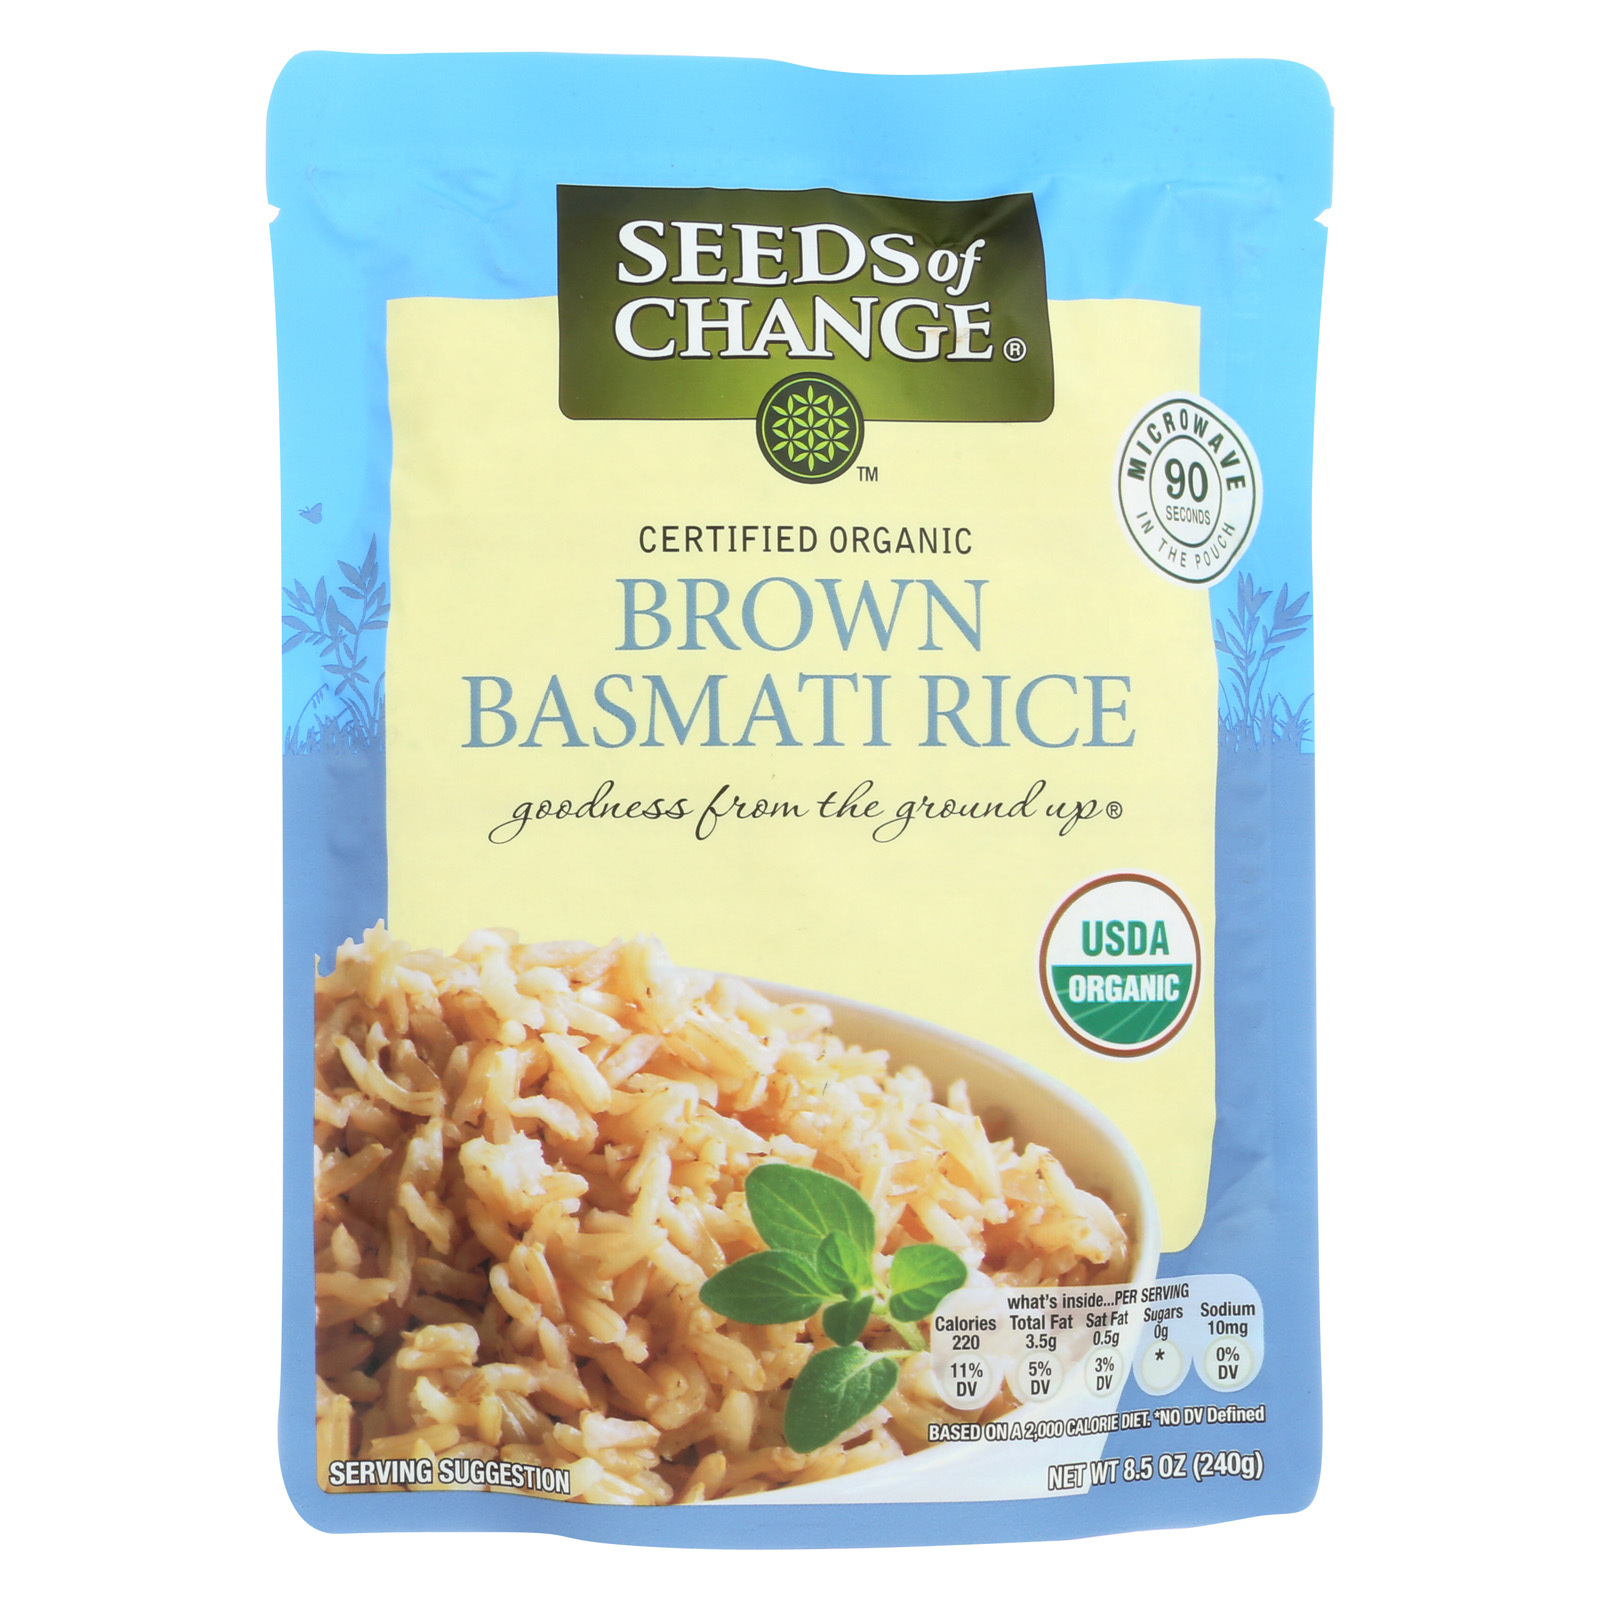 Seeds of Change Organic Rishikesh Brown Basmati Rice - Case of 12 - 8.5 oz.